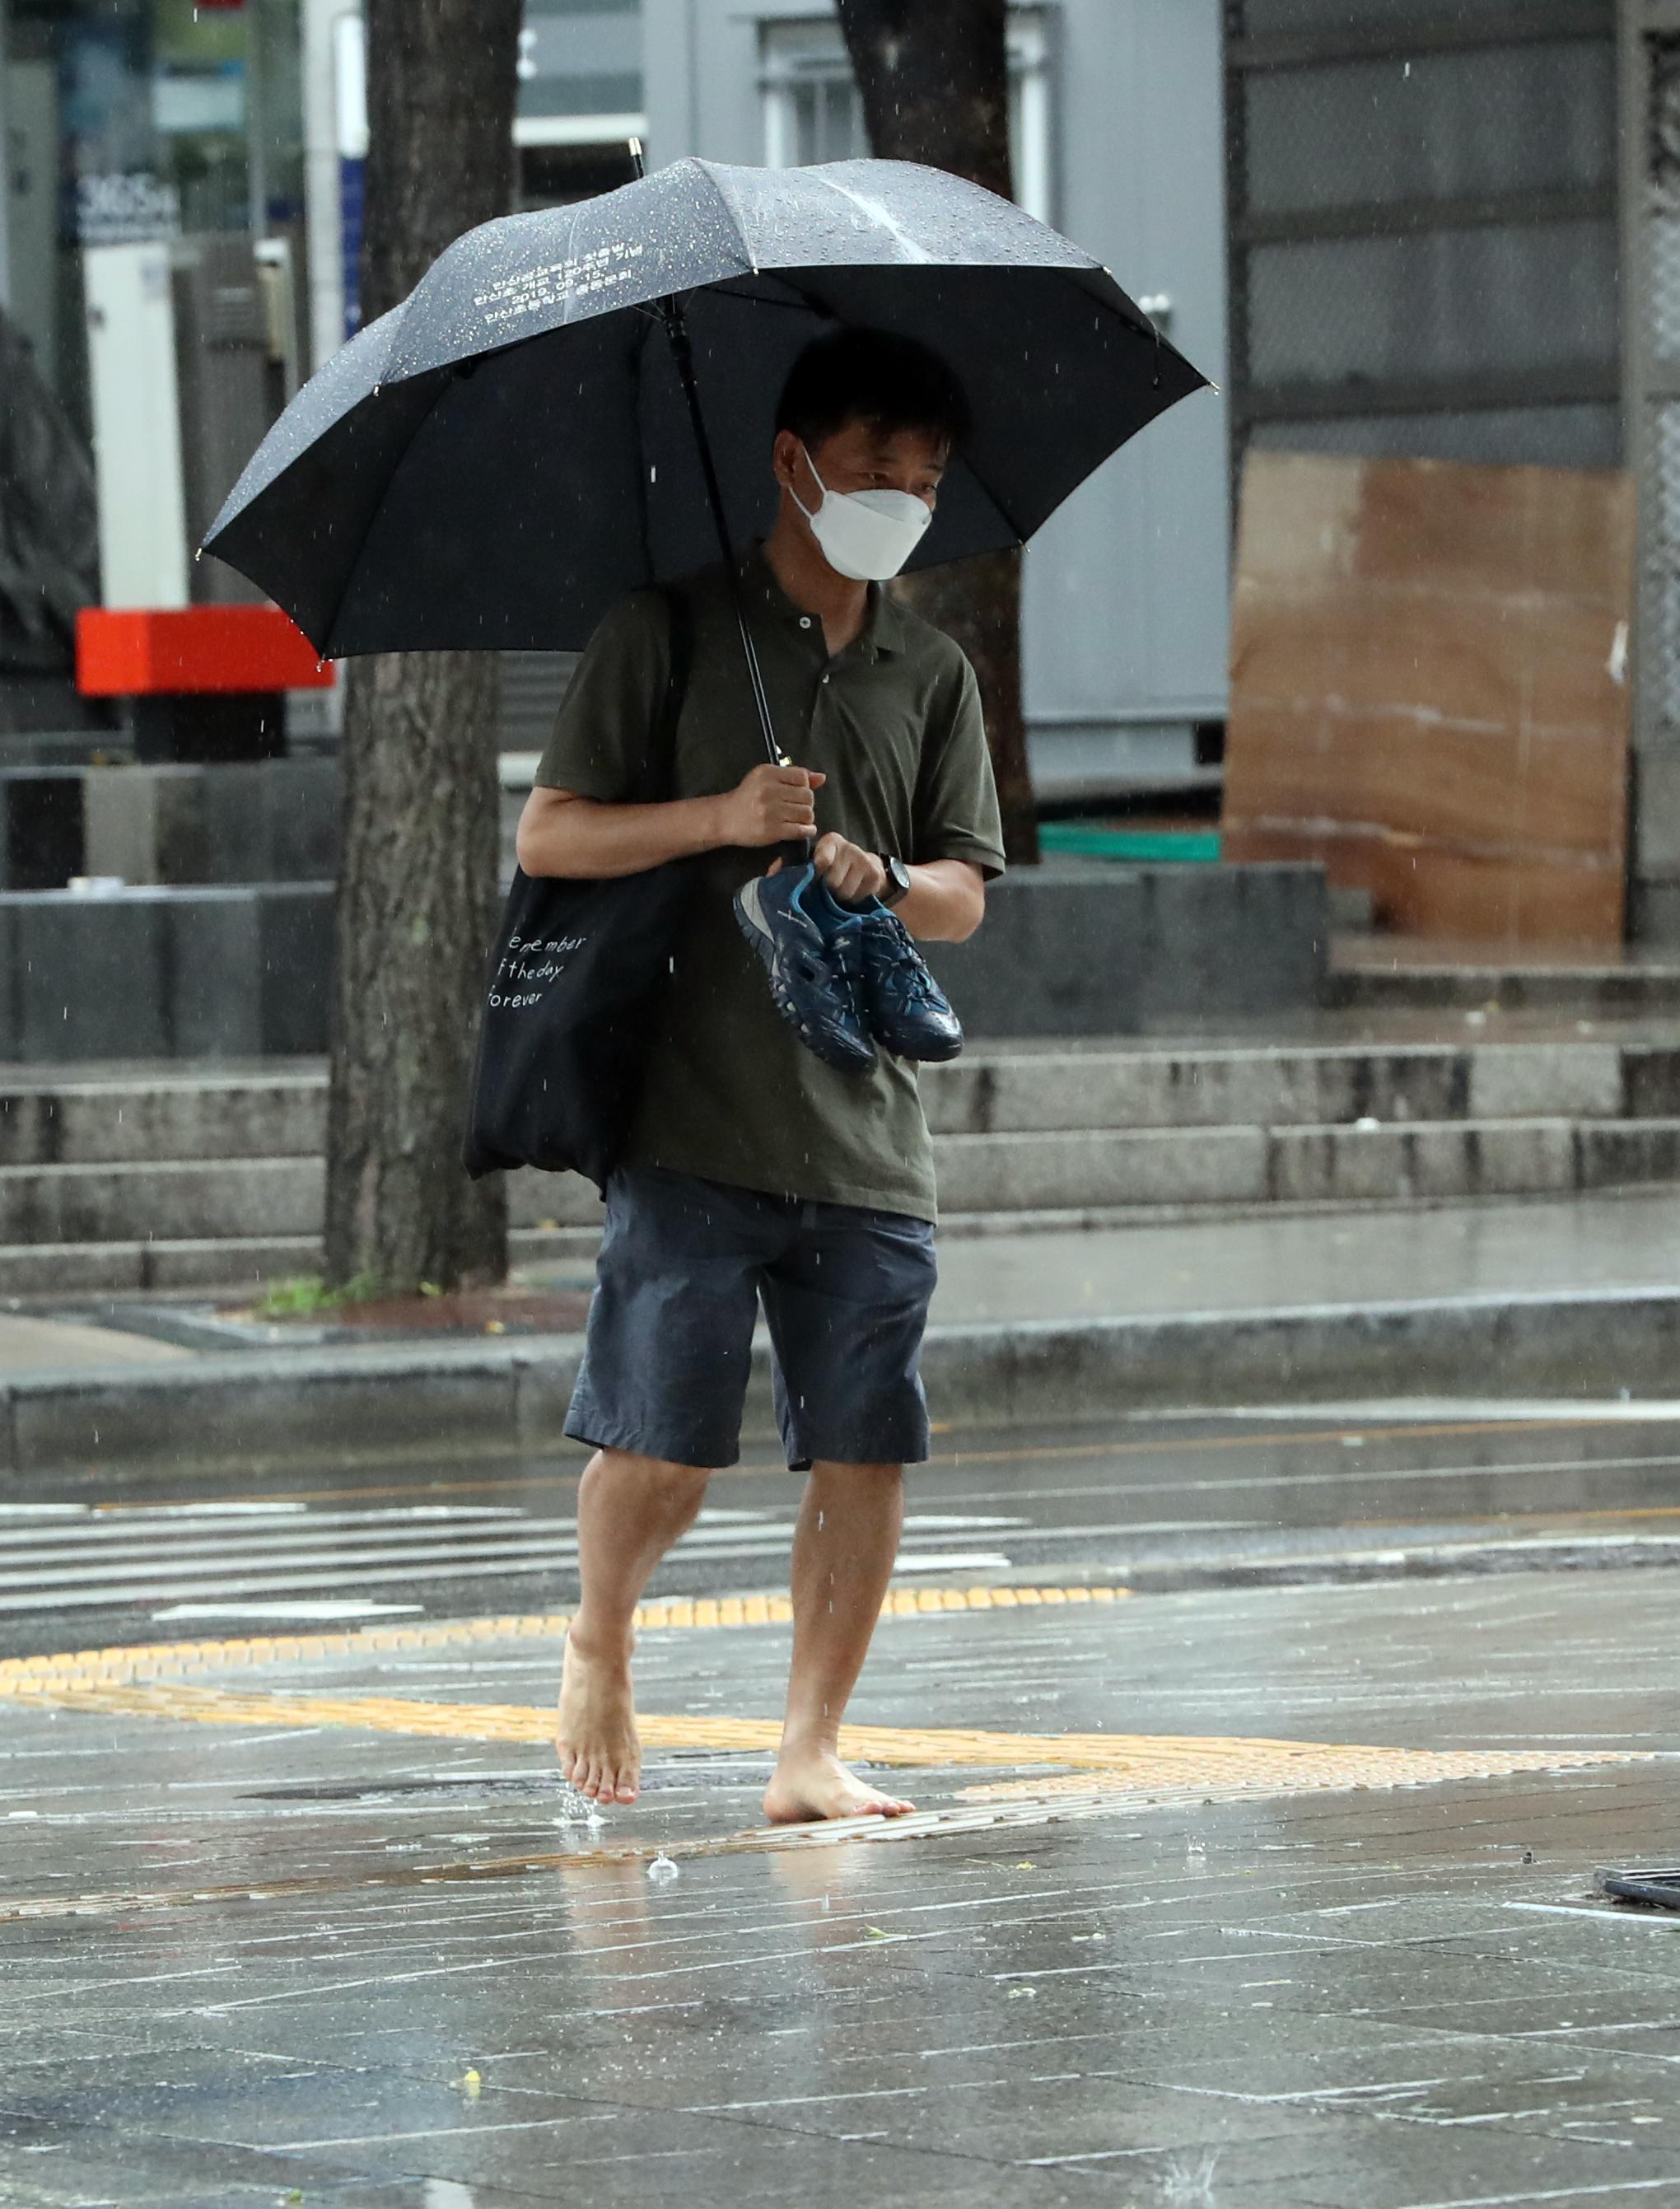 빗물에 젖은 신발 들고 맨발로 걷는 시민